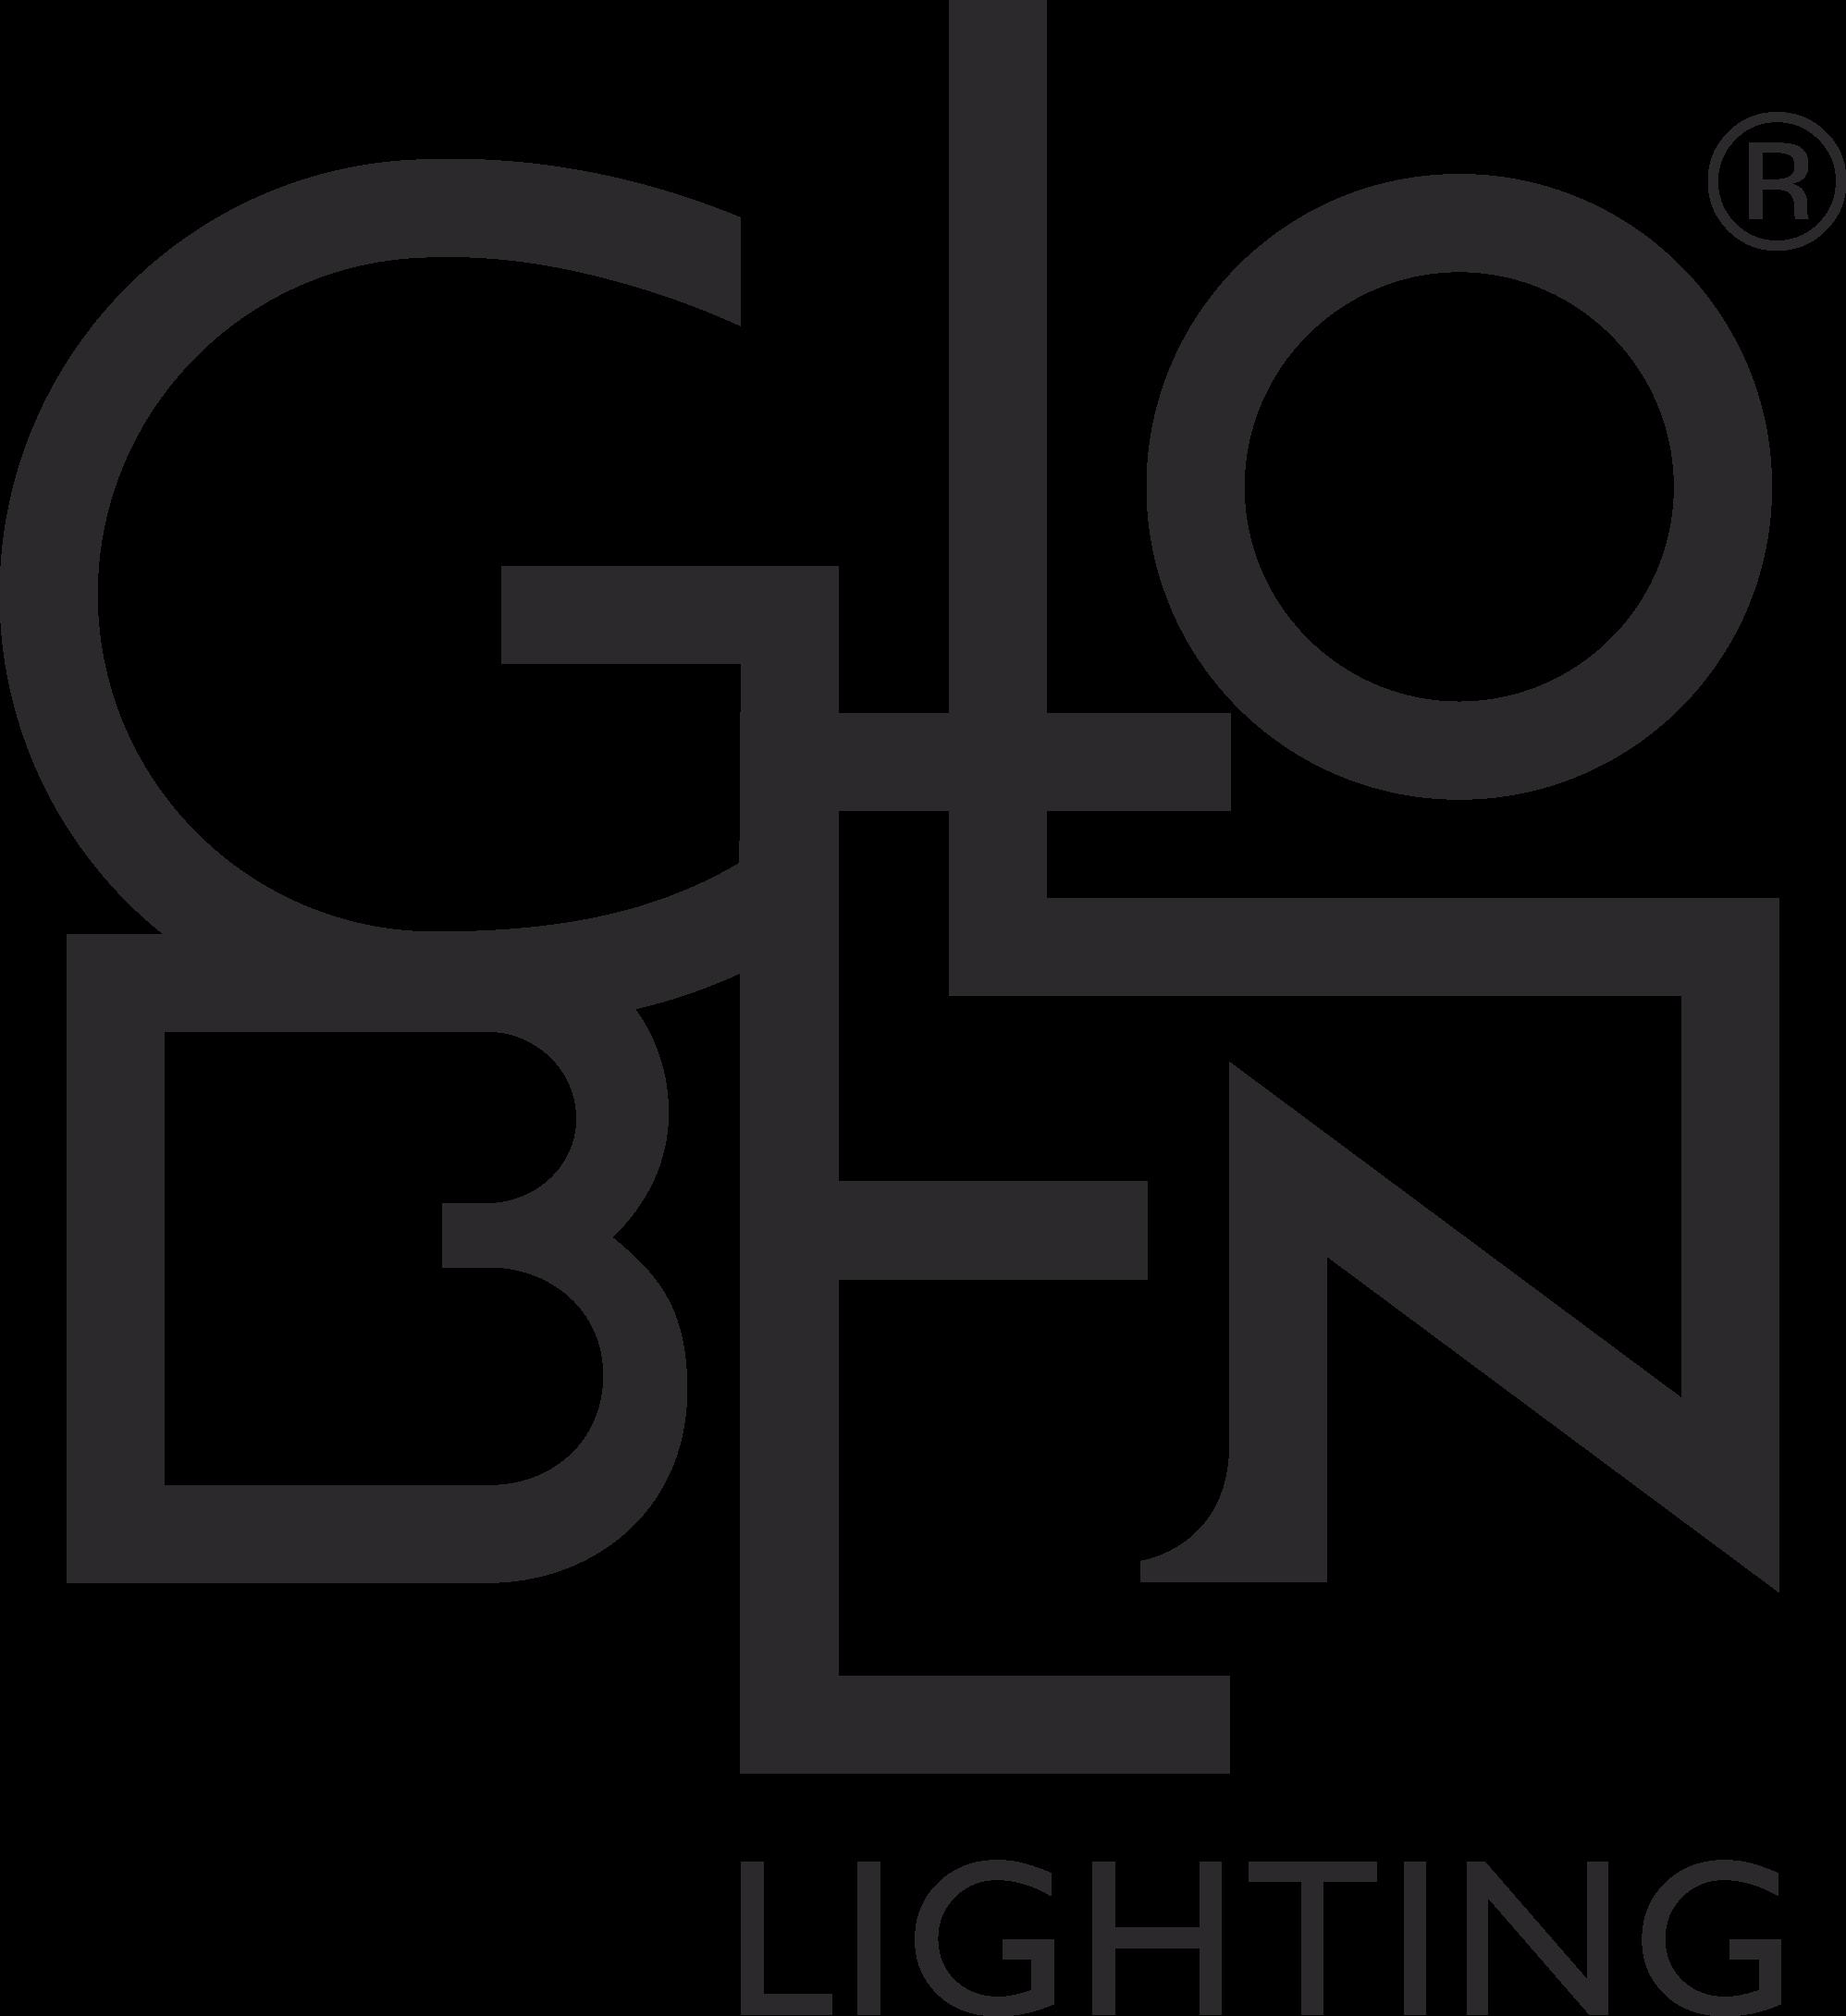 Globen Lighting designer og fremstiller interiørbelysning med fokus på  kreativ form og funktion. Det har de gjort i 40 år og har dermed lang  erfaring i ... 0300c4ffcd85f